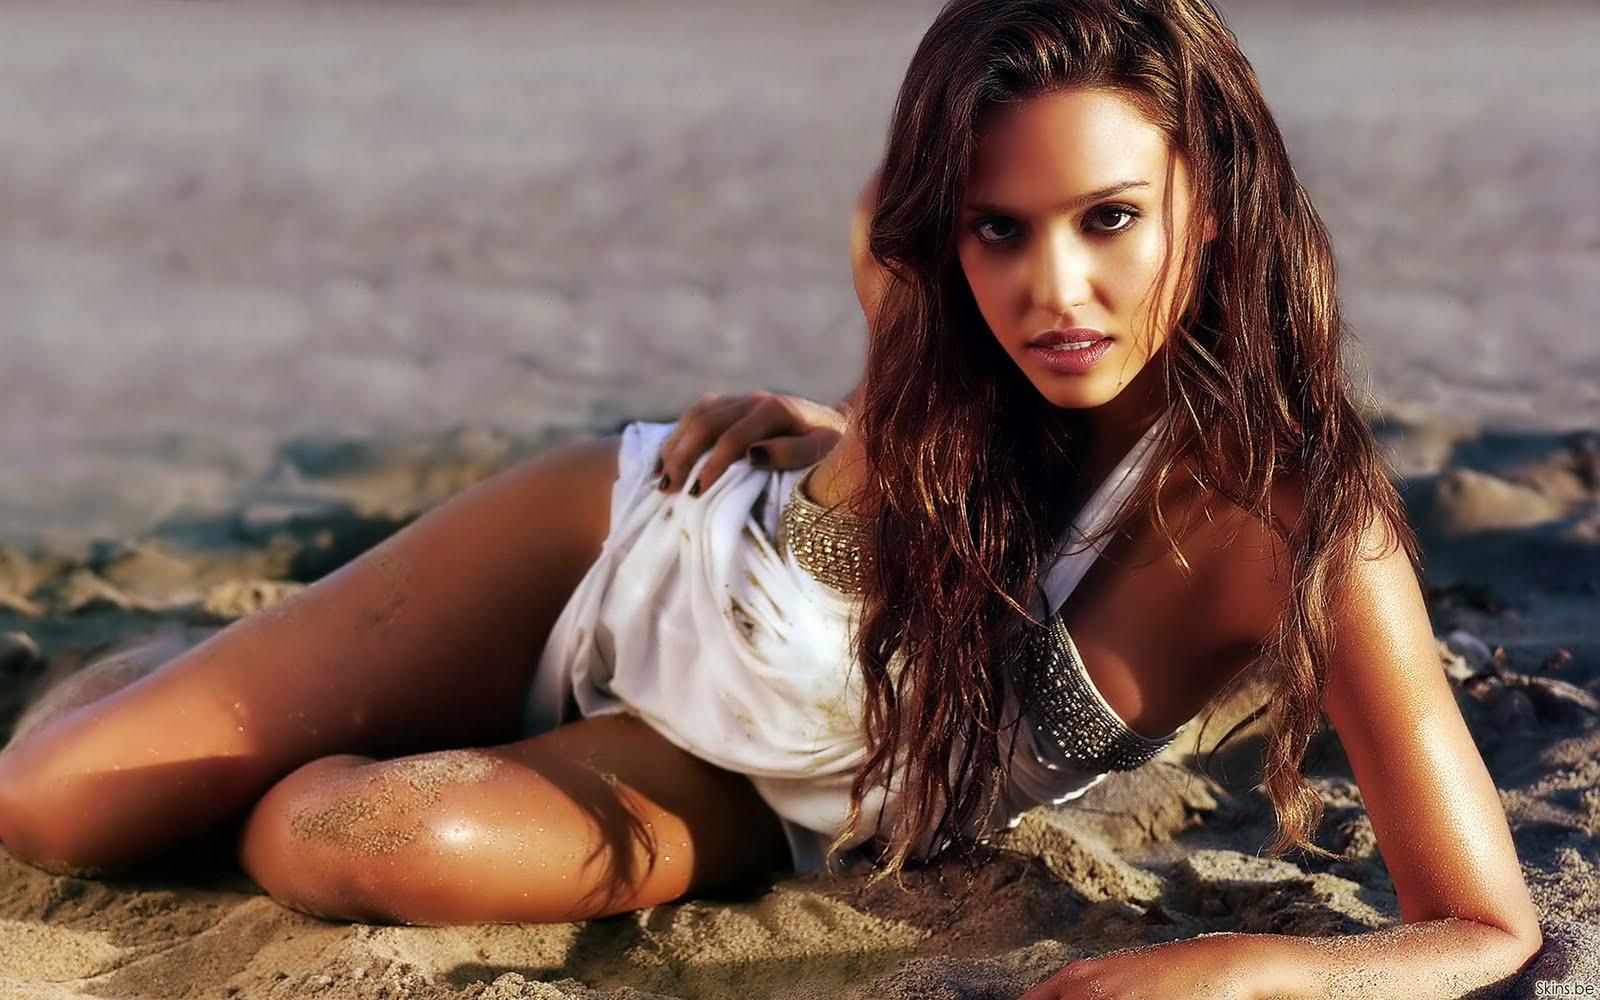 http://3.bp.blogspot.com/-EuG6DNMAaTY/TY7rLIymXBI/AAAAAAAAHbs/M34gLEqr4Kw/s1600/Jessica%2BAlba6.jpg